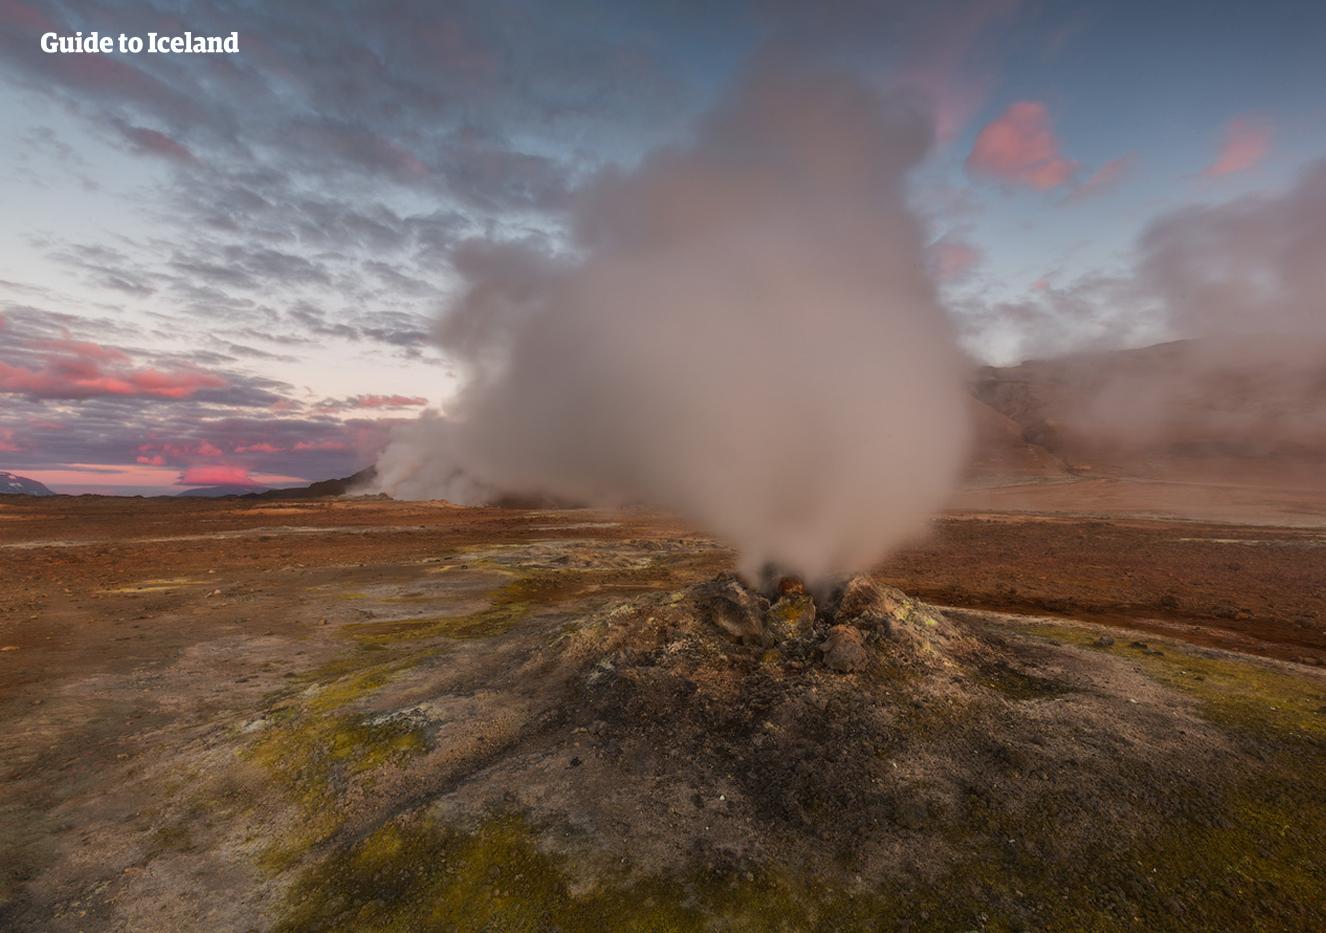 L'area geotermica nei pressi del lago Mývatn è piena di fangose piscine e fumarole.